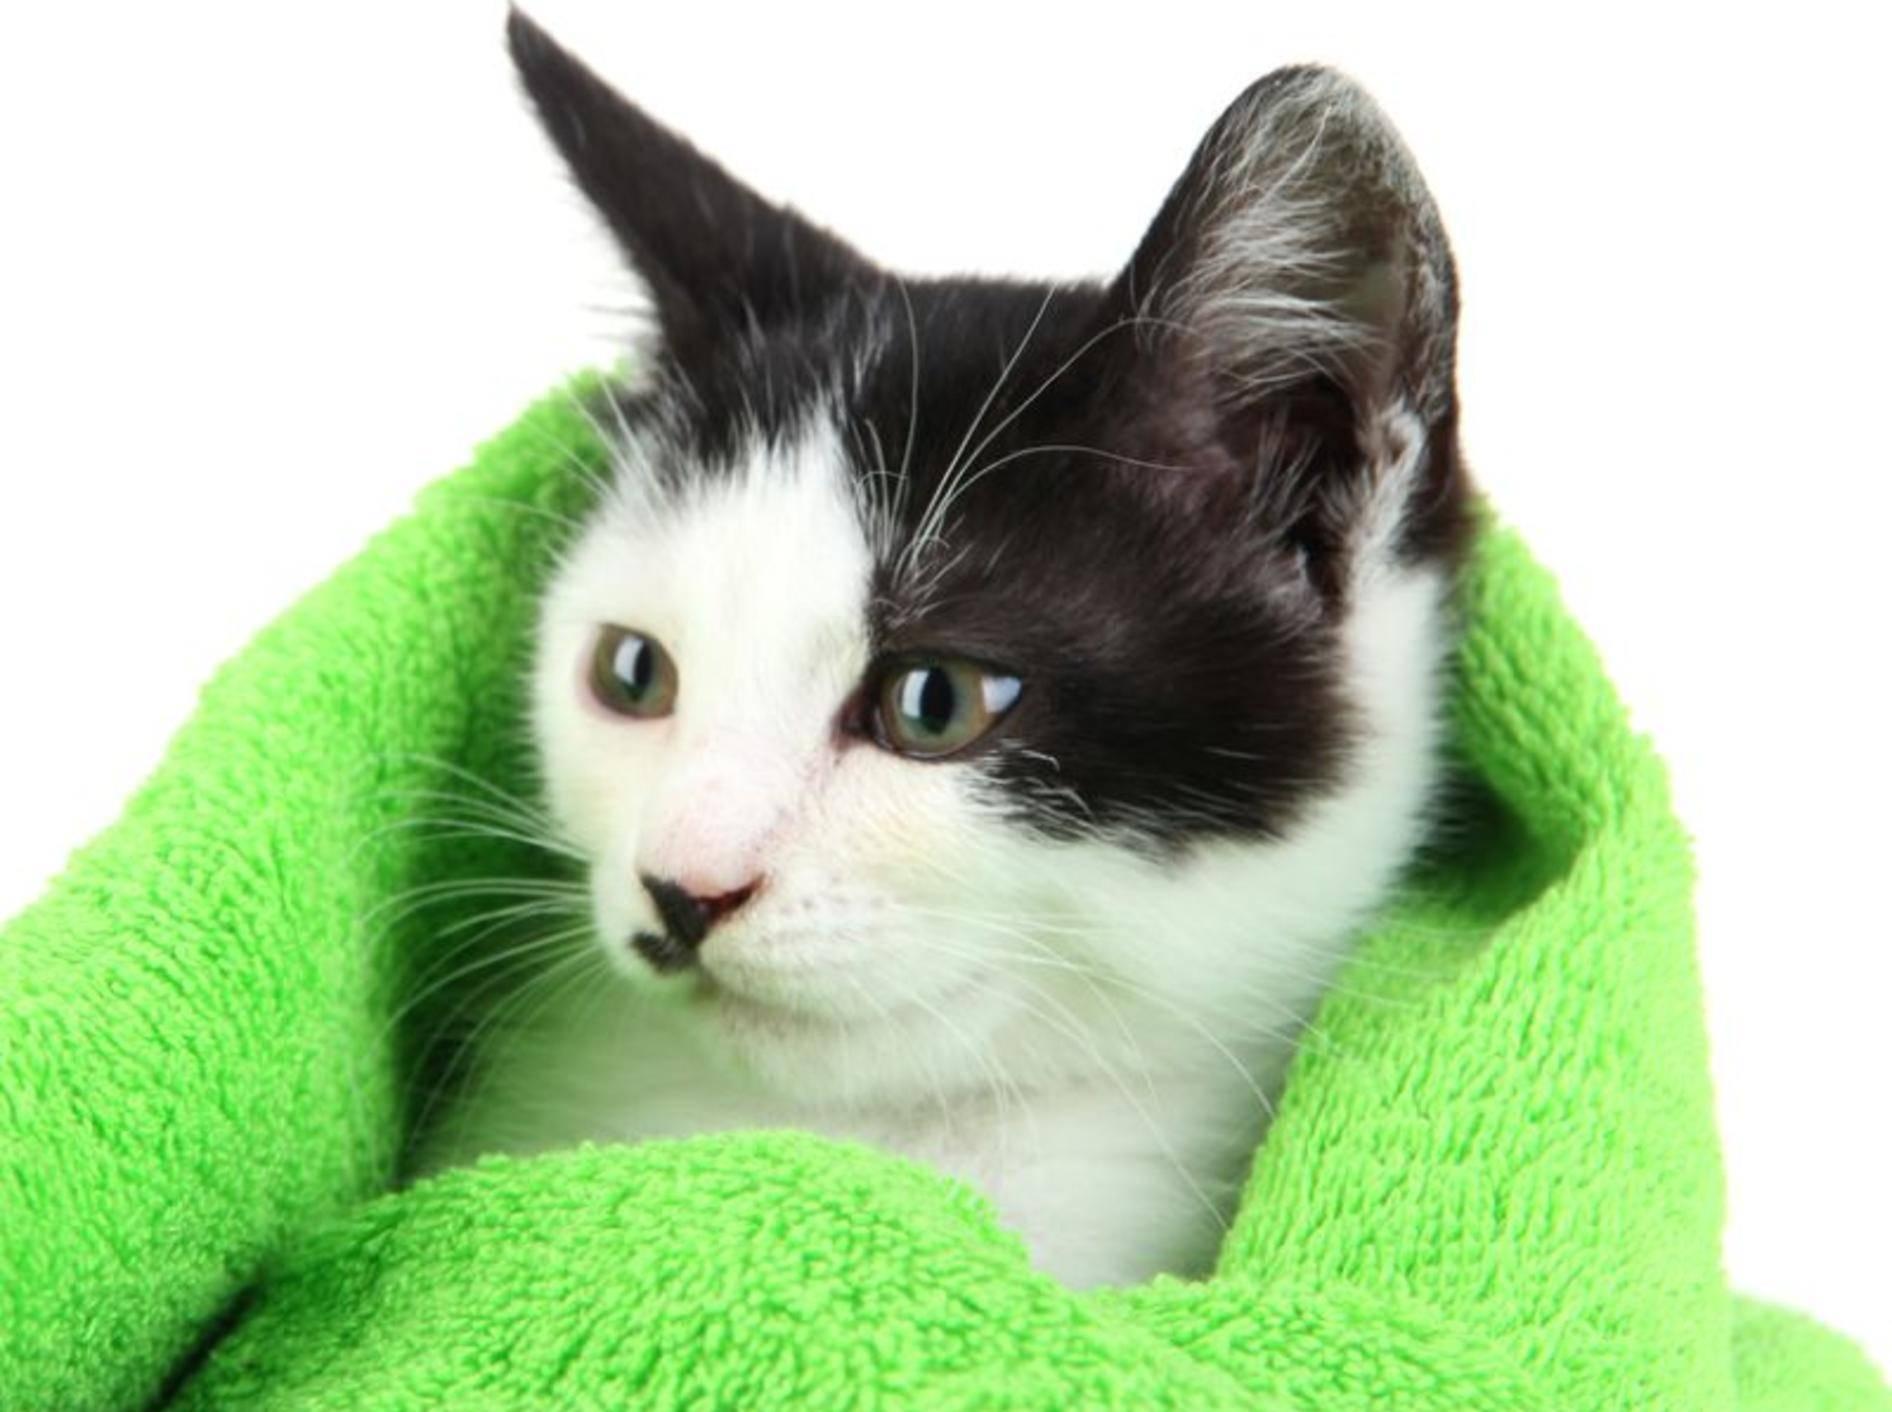 Nach dem Baden gibt es für die Katze ein warmes Handtuch und eine Belohnung – Bild: Shutterstock / Africa Studio